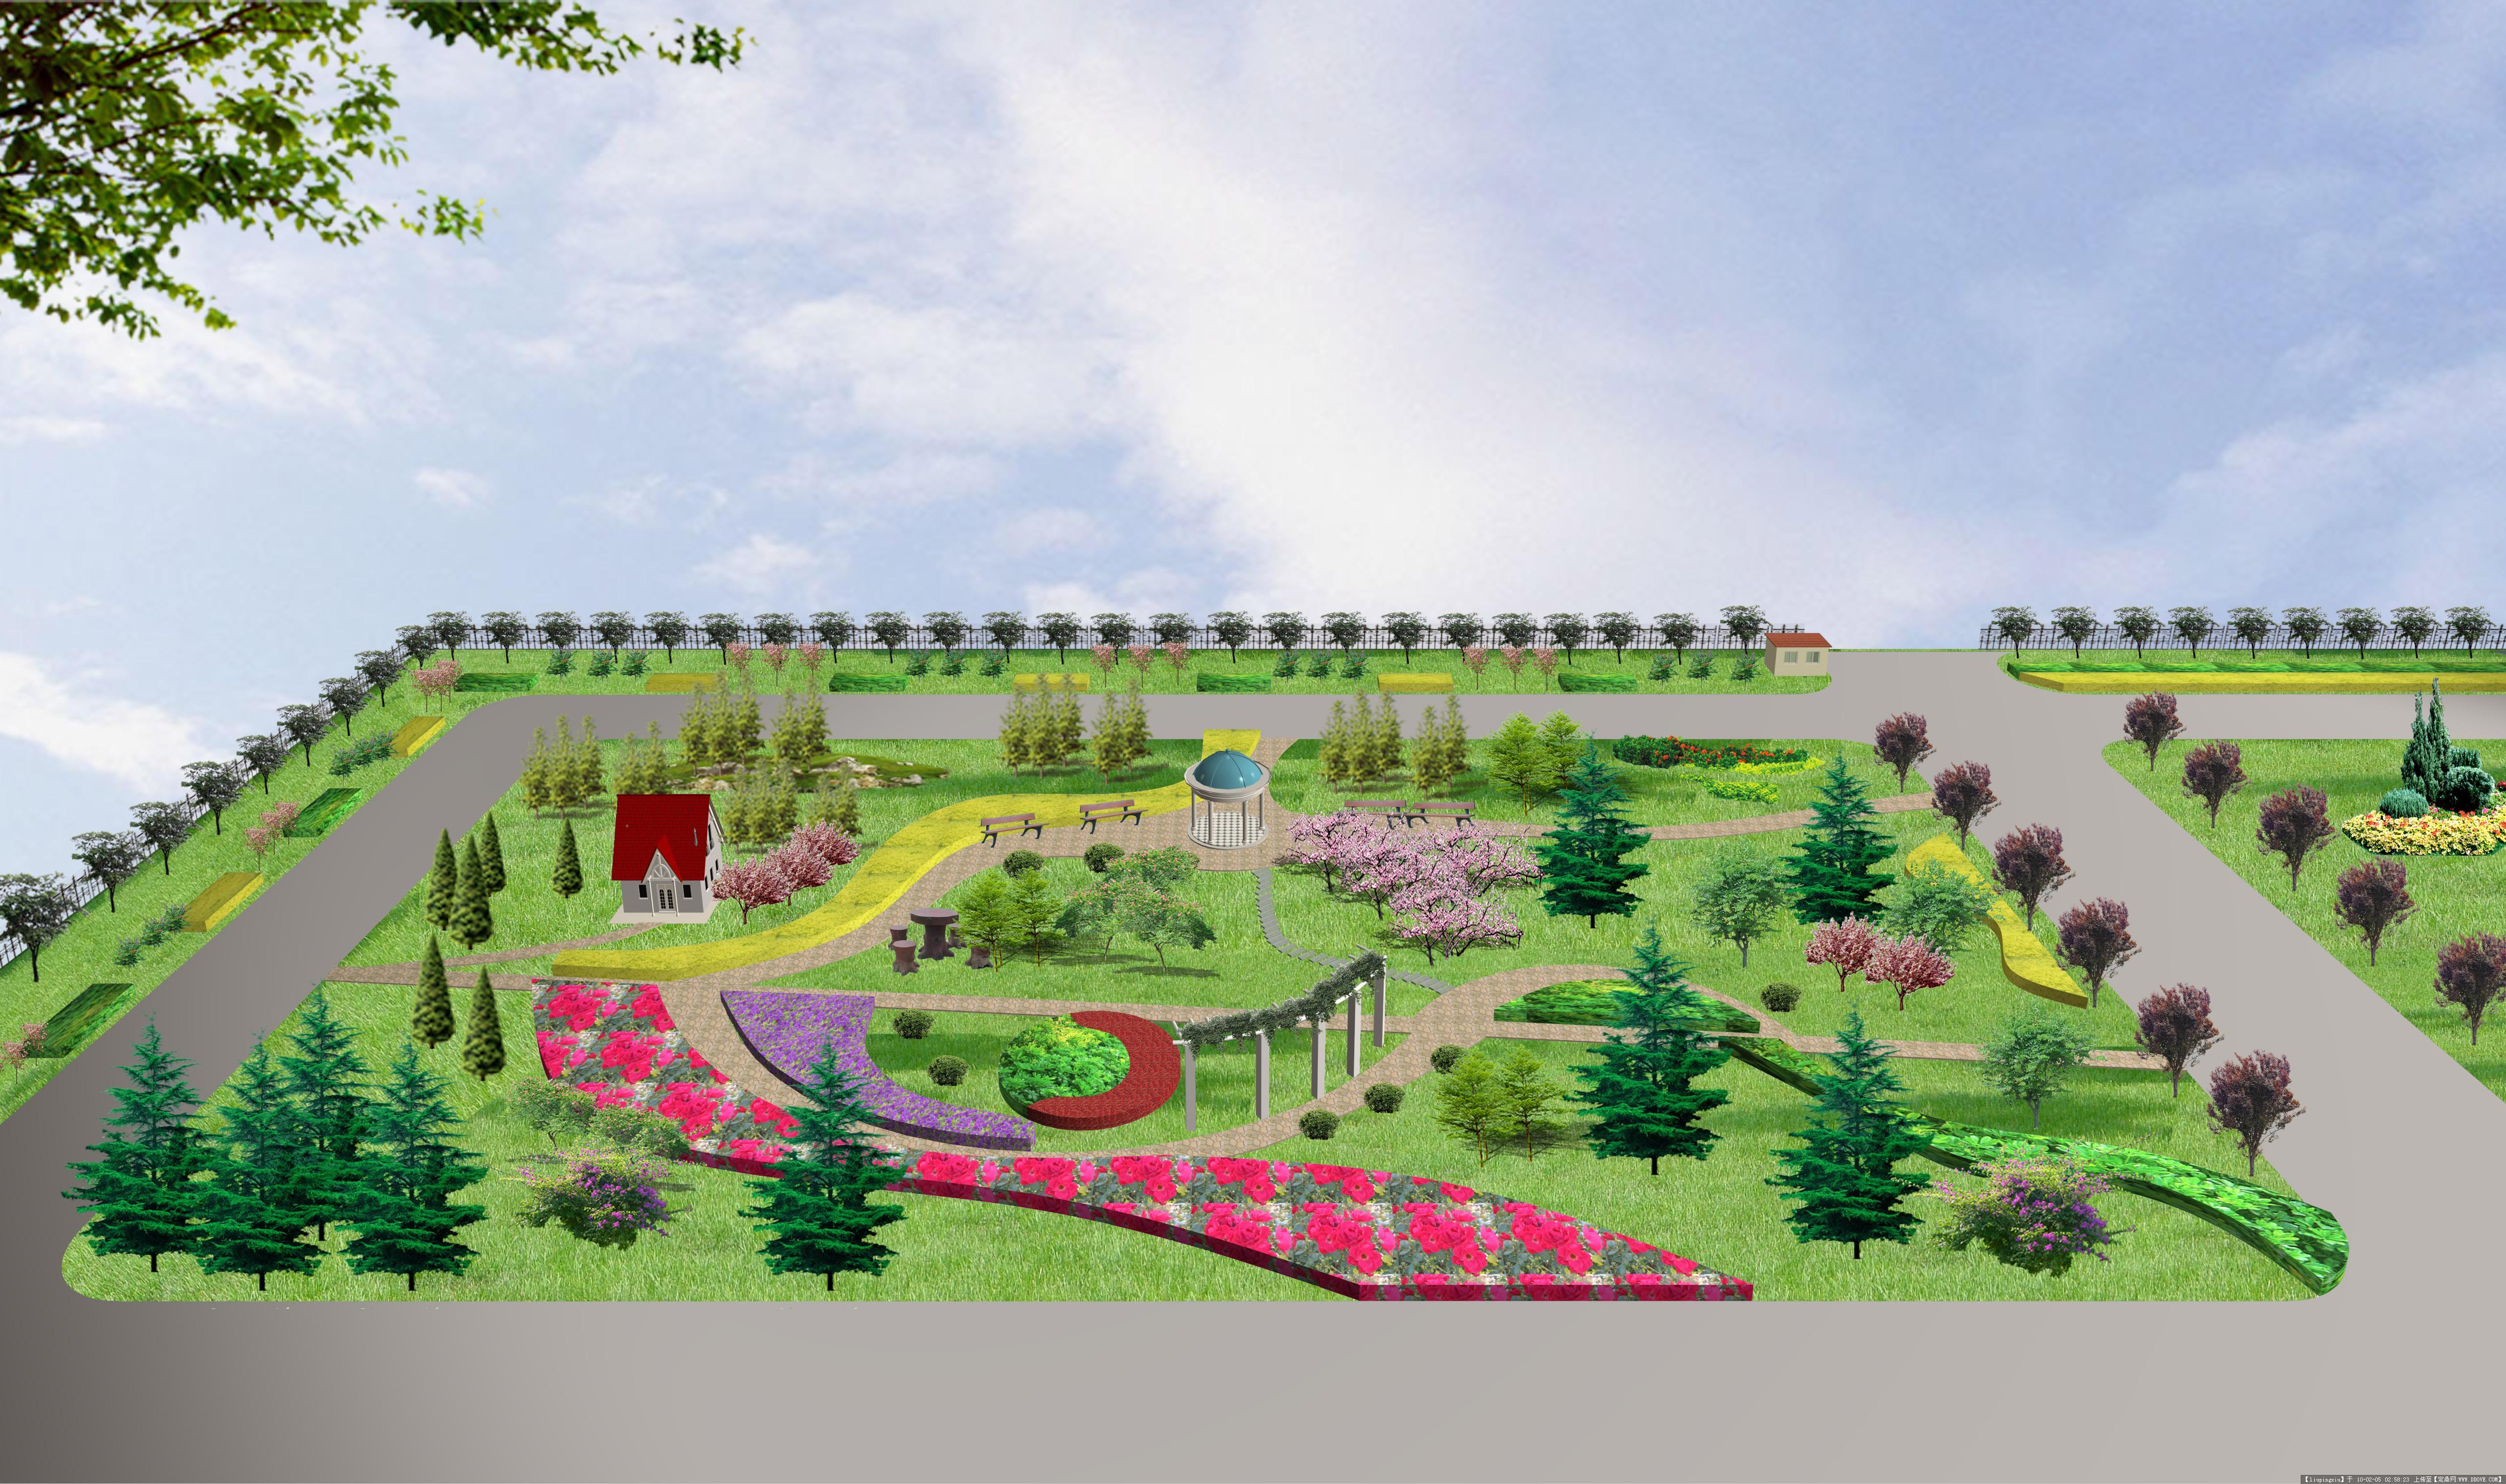 工厂绿化效果图的图片浏览,园林效 图,单位厂区,园林景观设